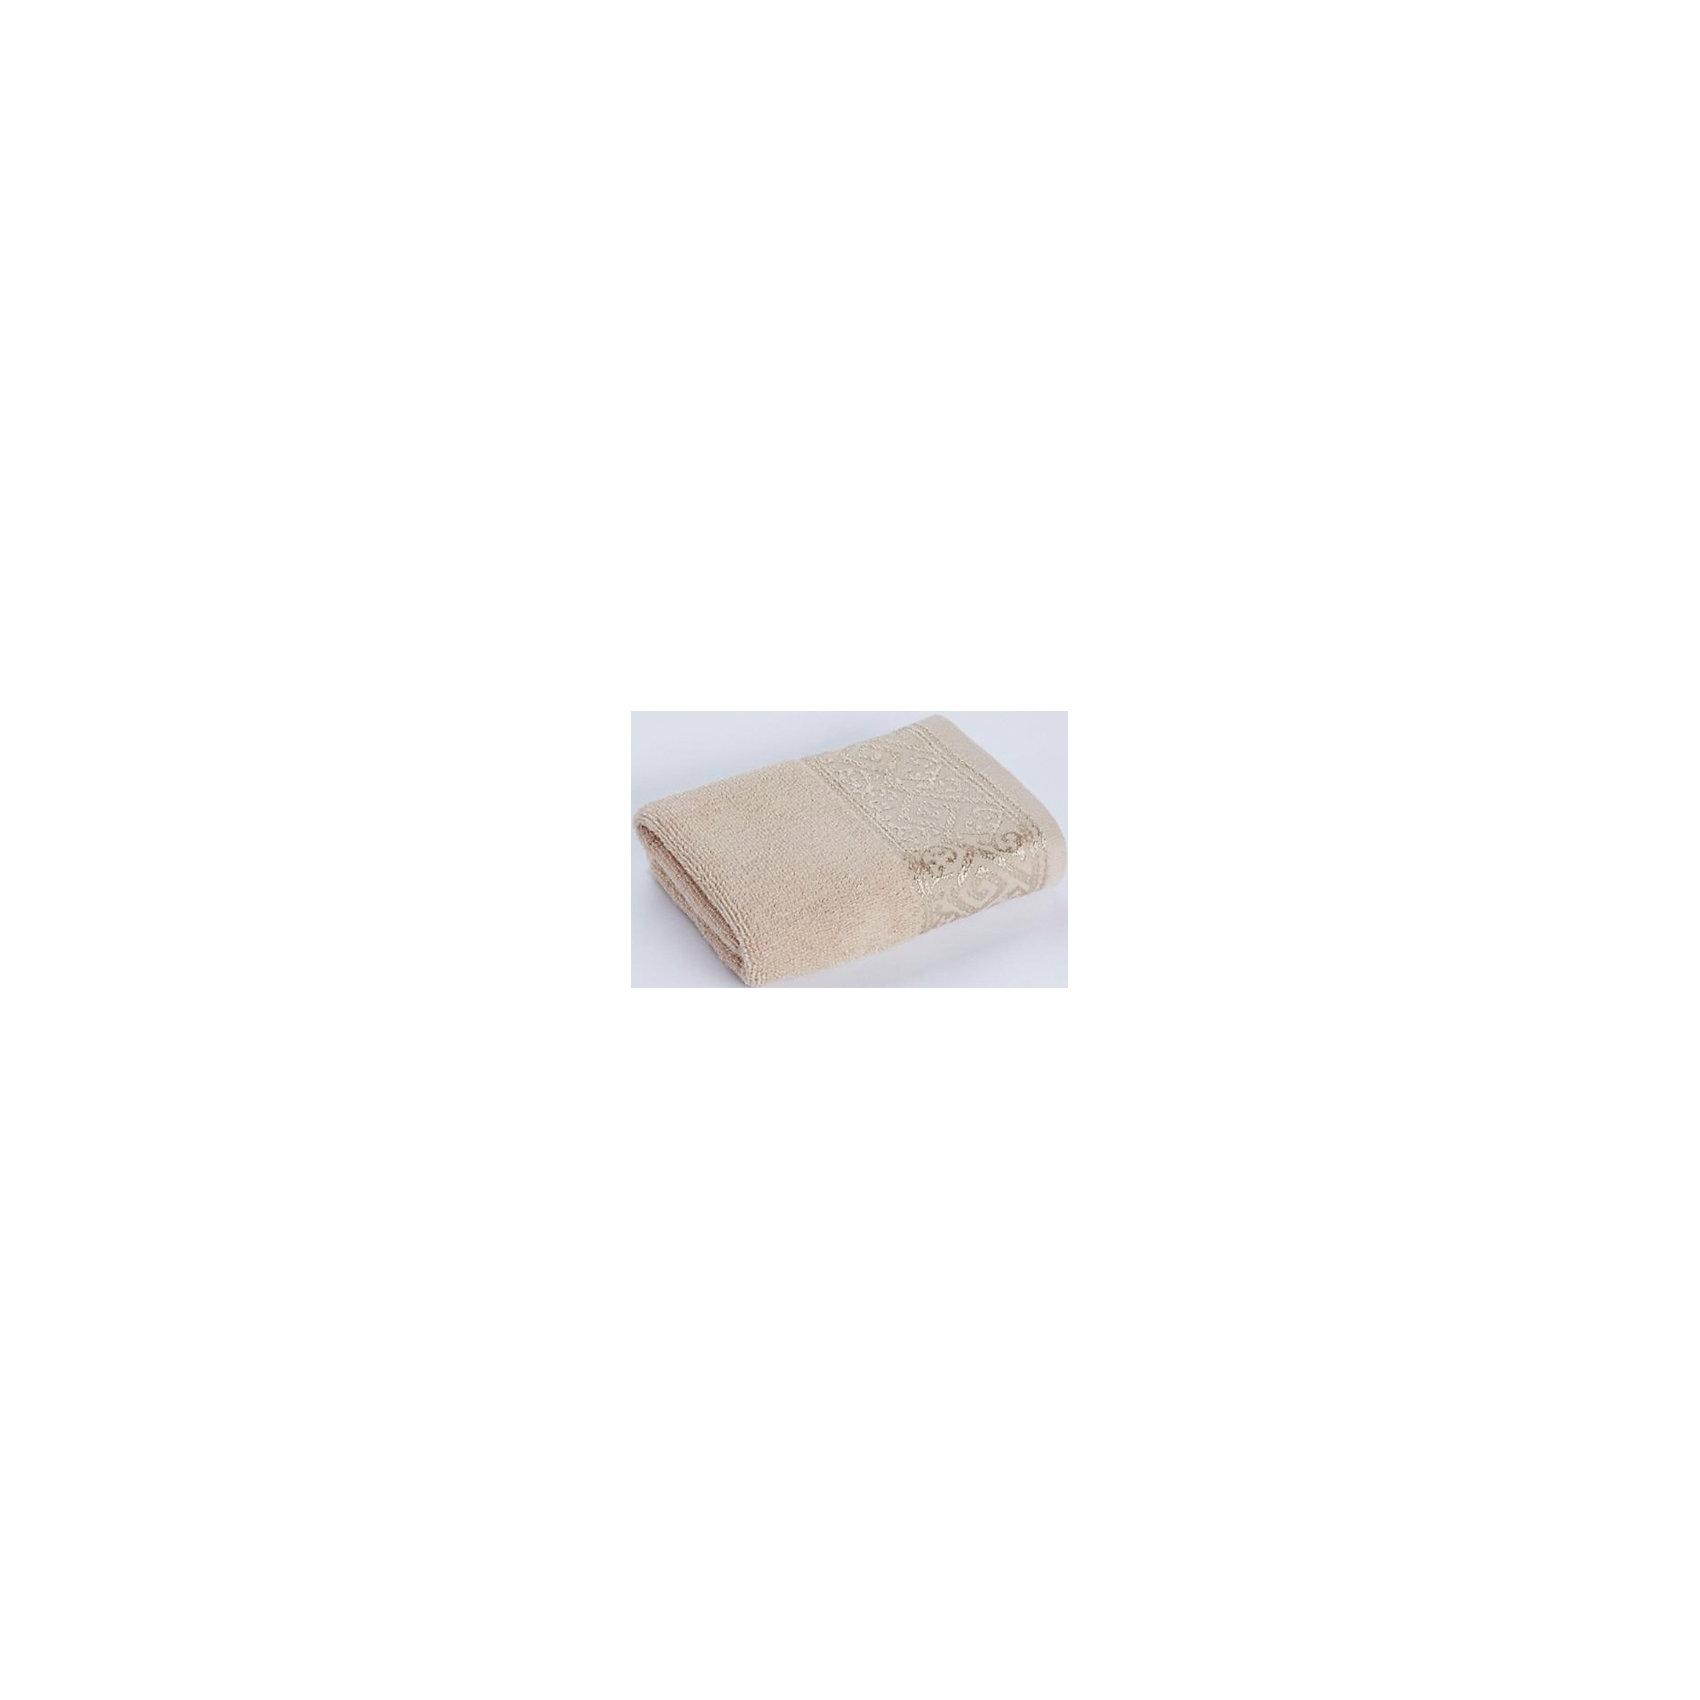 Полотенце махровое Majolica 50*100, Португалия, песочныйМахровое полотенце Majolica изготовлено из натурального хлопка и соответствует всем требованиям качества. Оно сохранит цвет даже после многих стирок, подарит мягкость и замечательно впитает воду. Полотенце украшено необычным орнаментом по краю.<br><br>Дополнительная информация:<br>Материал: 100% хлопок<br>Плотность: 500 г/м2<br>Размер: 50х100 см<br>Цвет: песочный<br>Торговая марка: Португалия<br><br>Вы можете купить махровое полотенце Majolica в нашем интернет-магазине.<br><br>Ширина мм: 500<br>Глубина мм: 500<br>Высота мм: 200<br>Вес г: 350<br>Возраст от месяцев: 0<br>Возраст до месяцев: 144<br>Пол: Унисекс<br>Возраст: Детский<br>SKU: 5010944